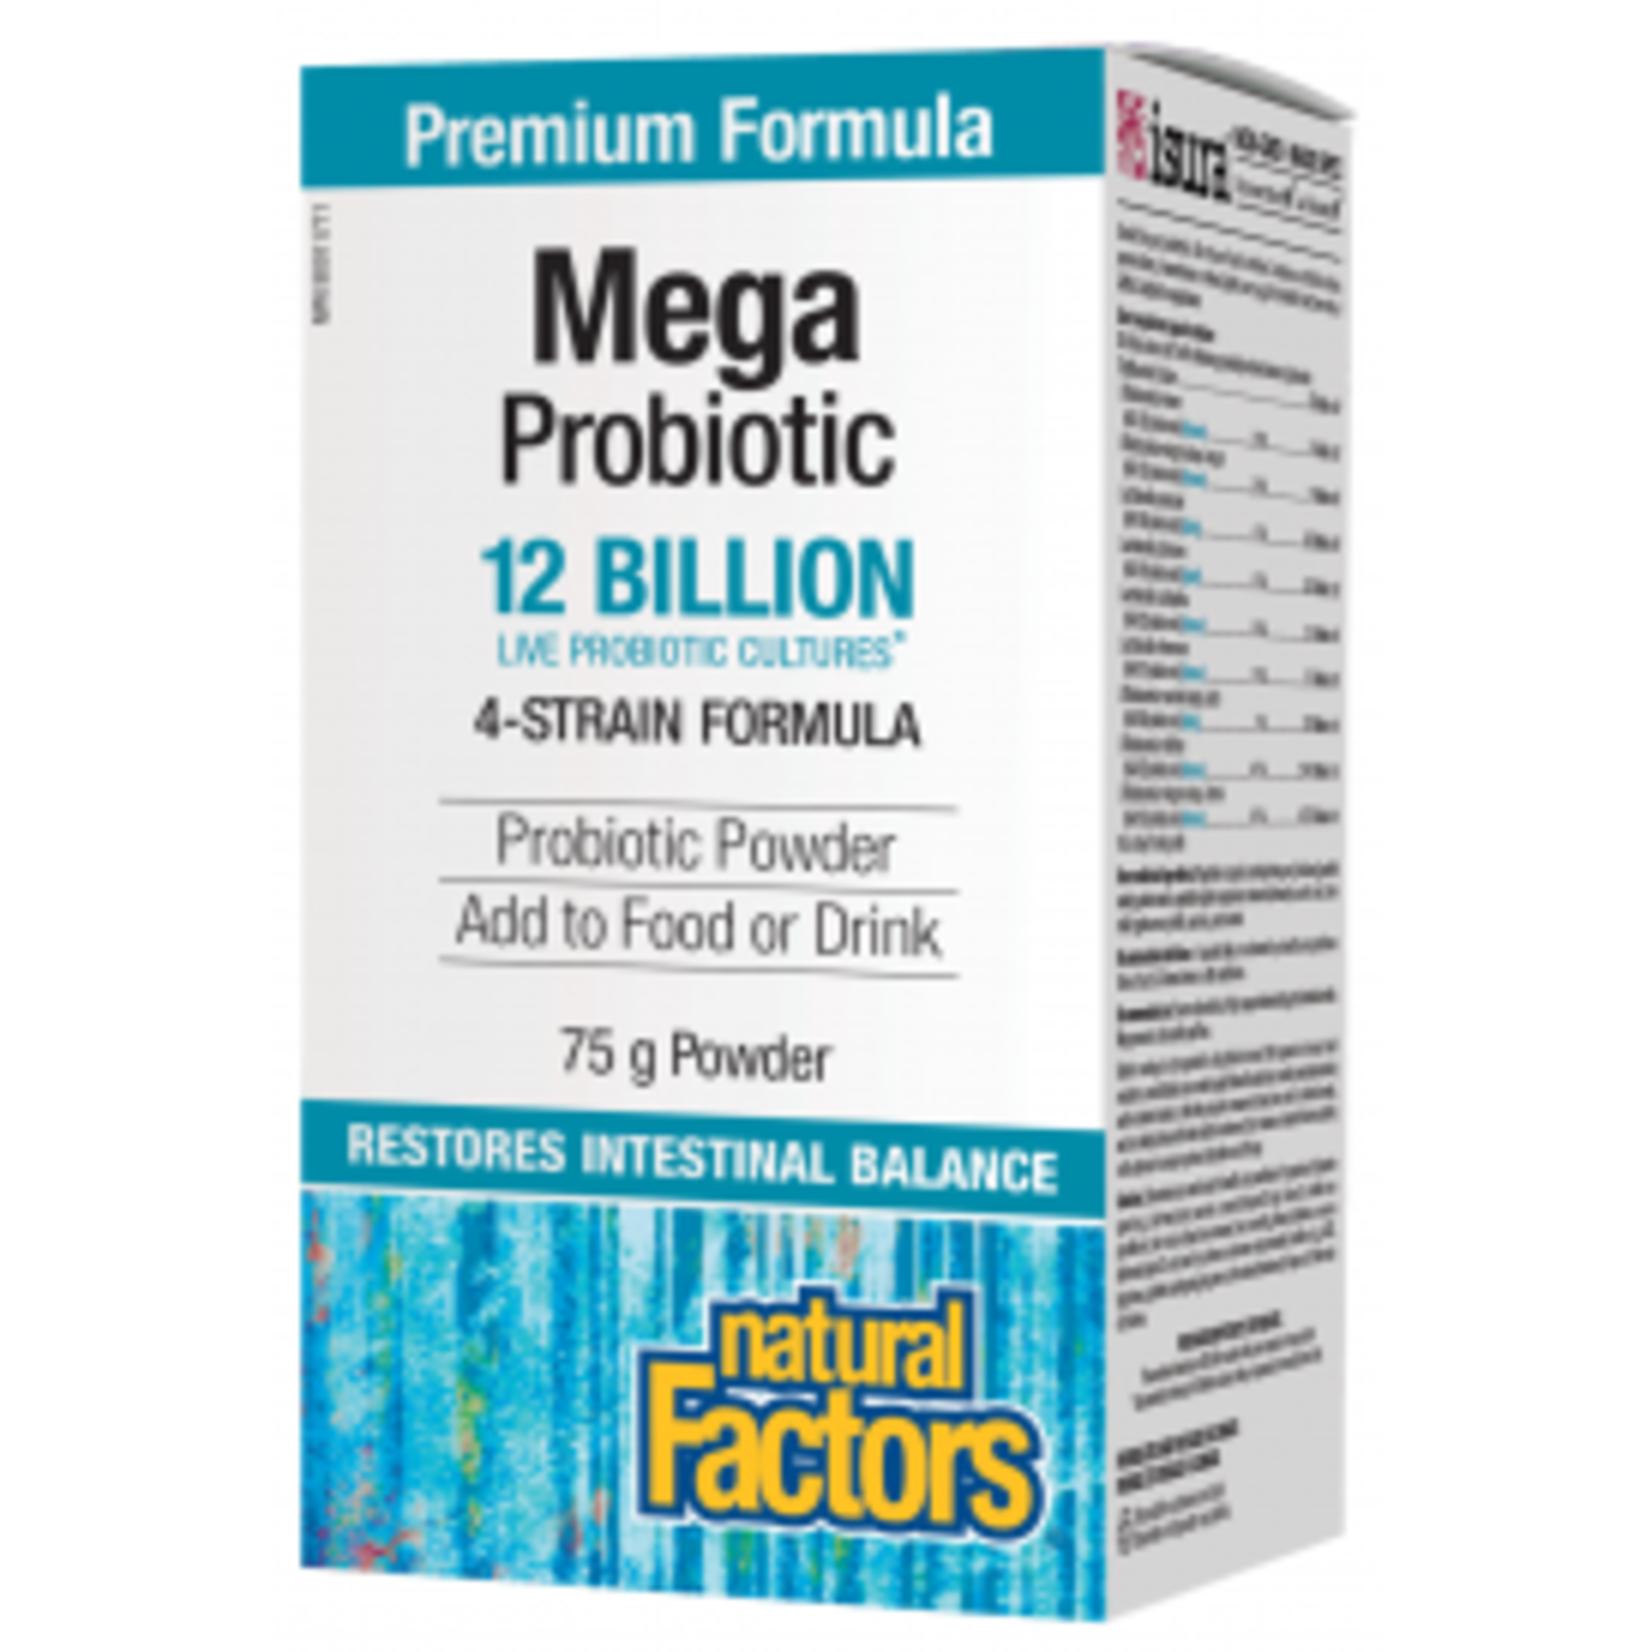 Natural Factors Natural Factors Mega Probiotic 12 Billion 75 g powder